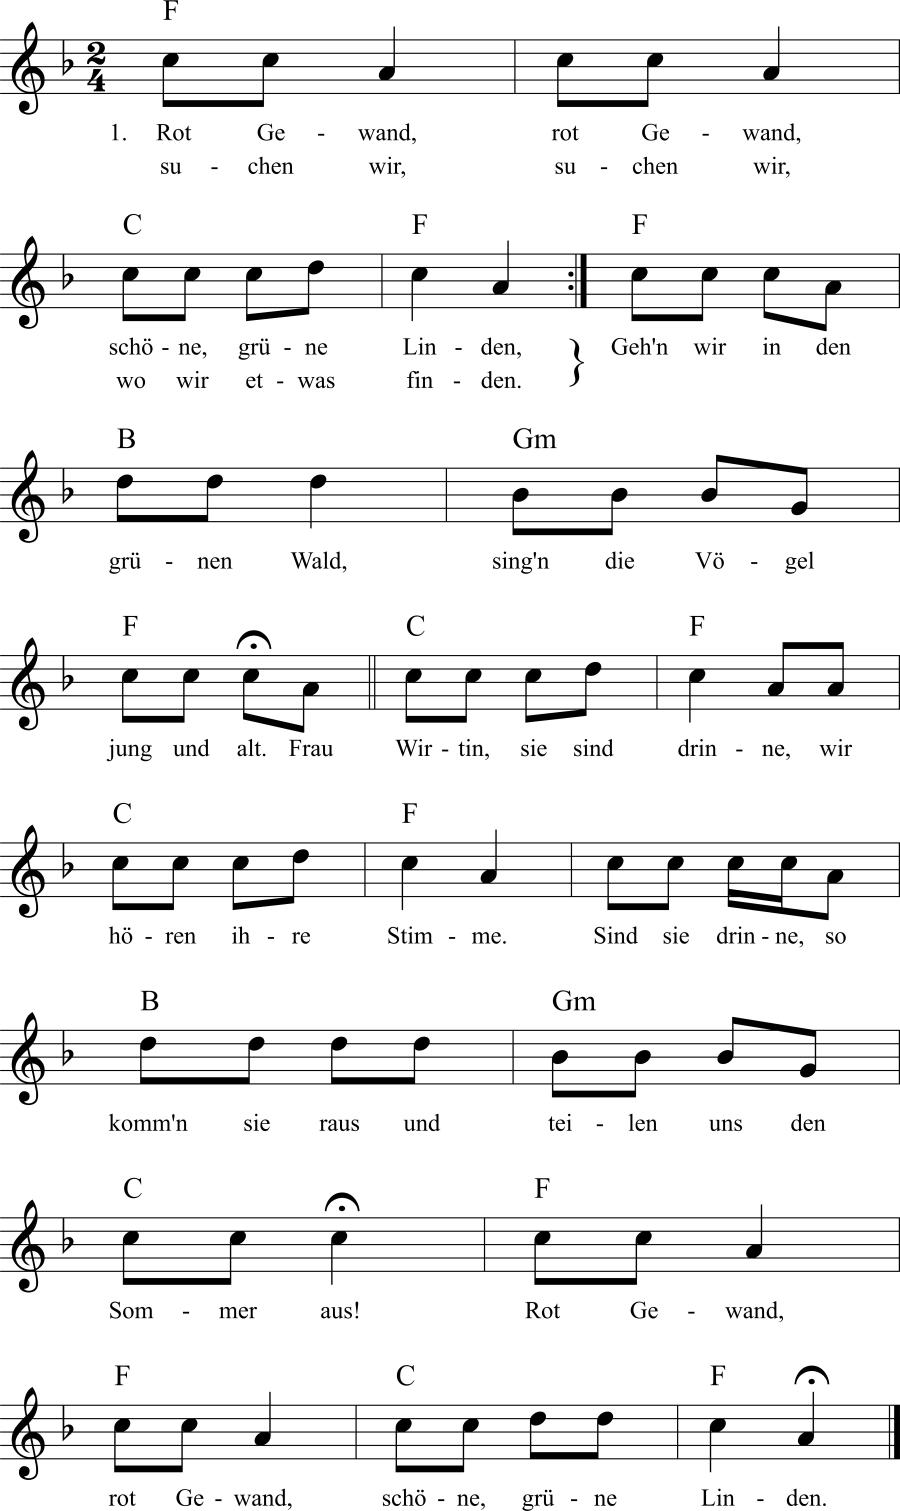 Musiknoten zum Lied Rot Gewand